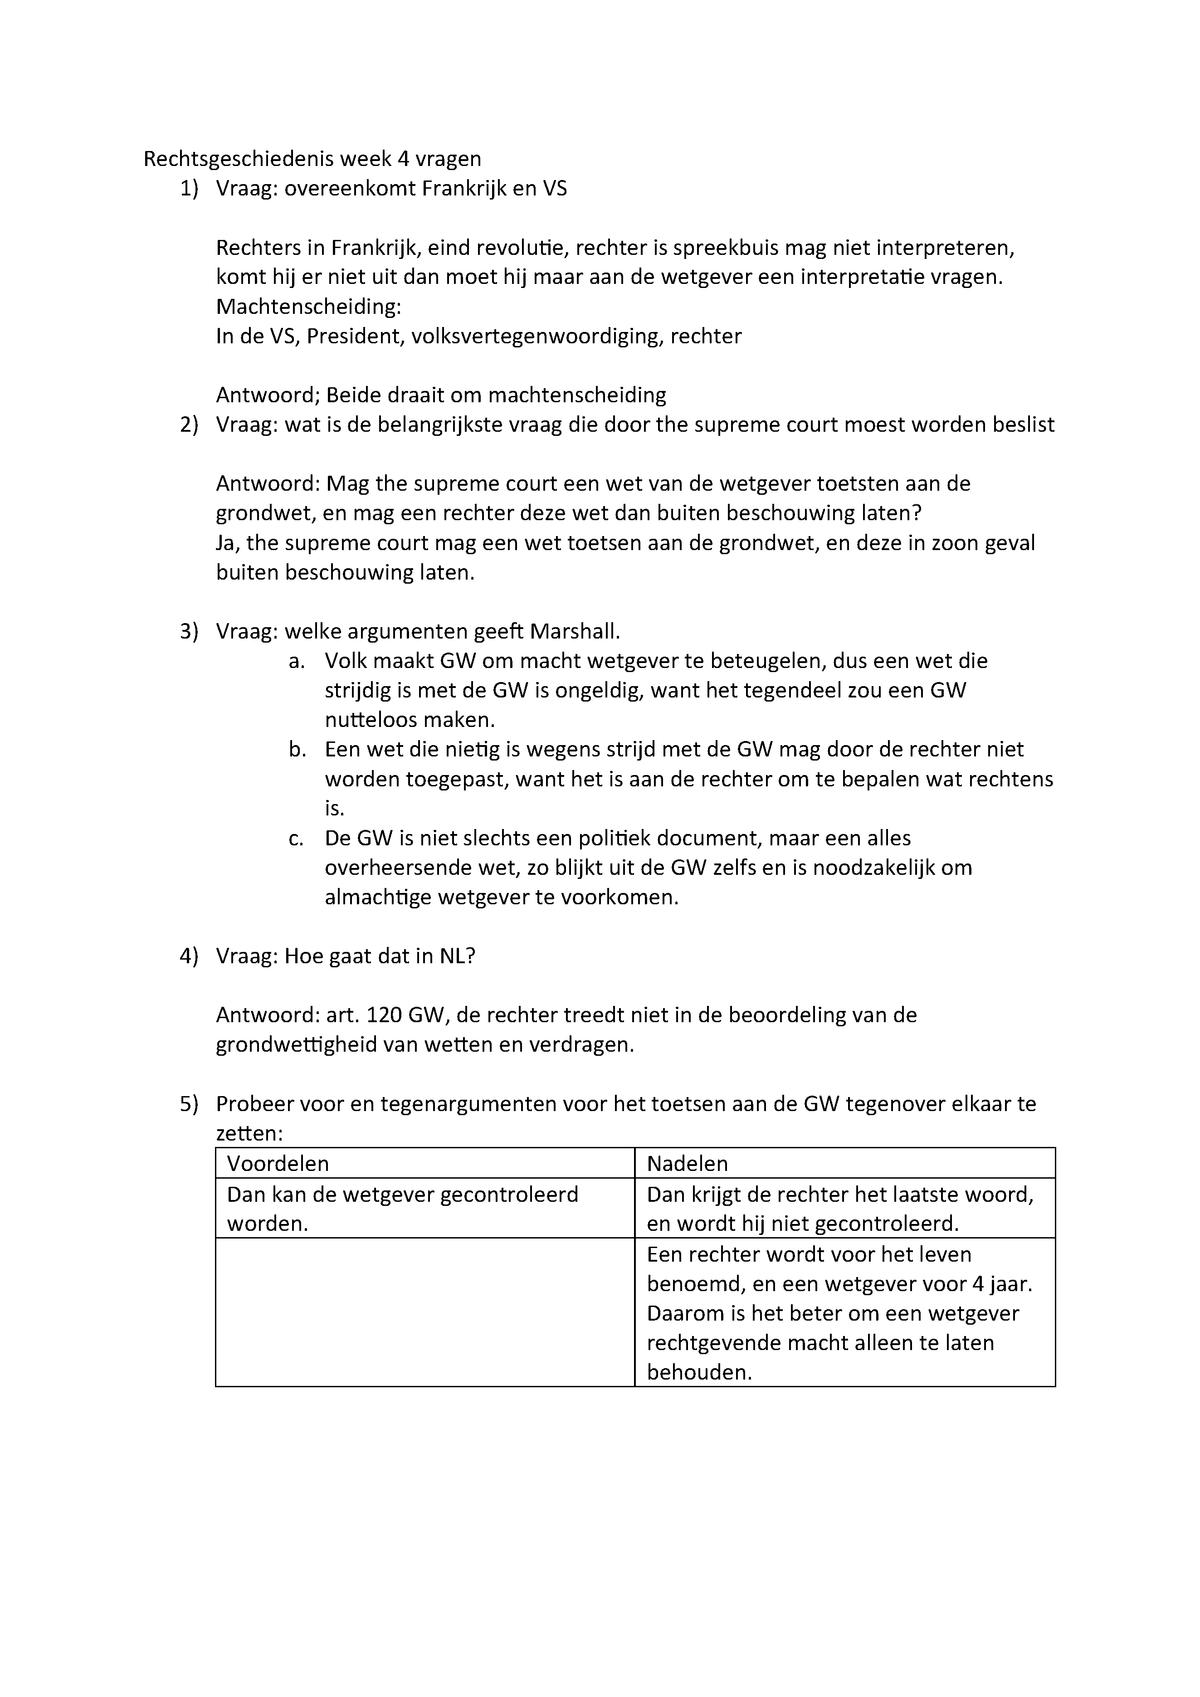 Rechtsgeschiedenis Week 4 Vragen Rgprg00105 Rug Studocu